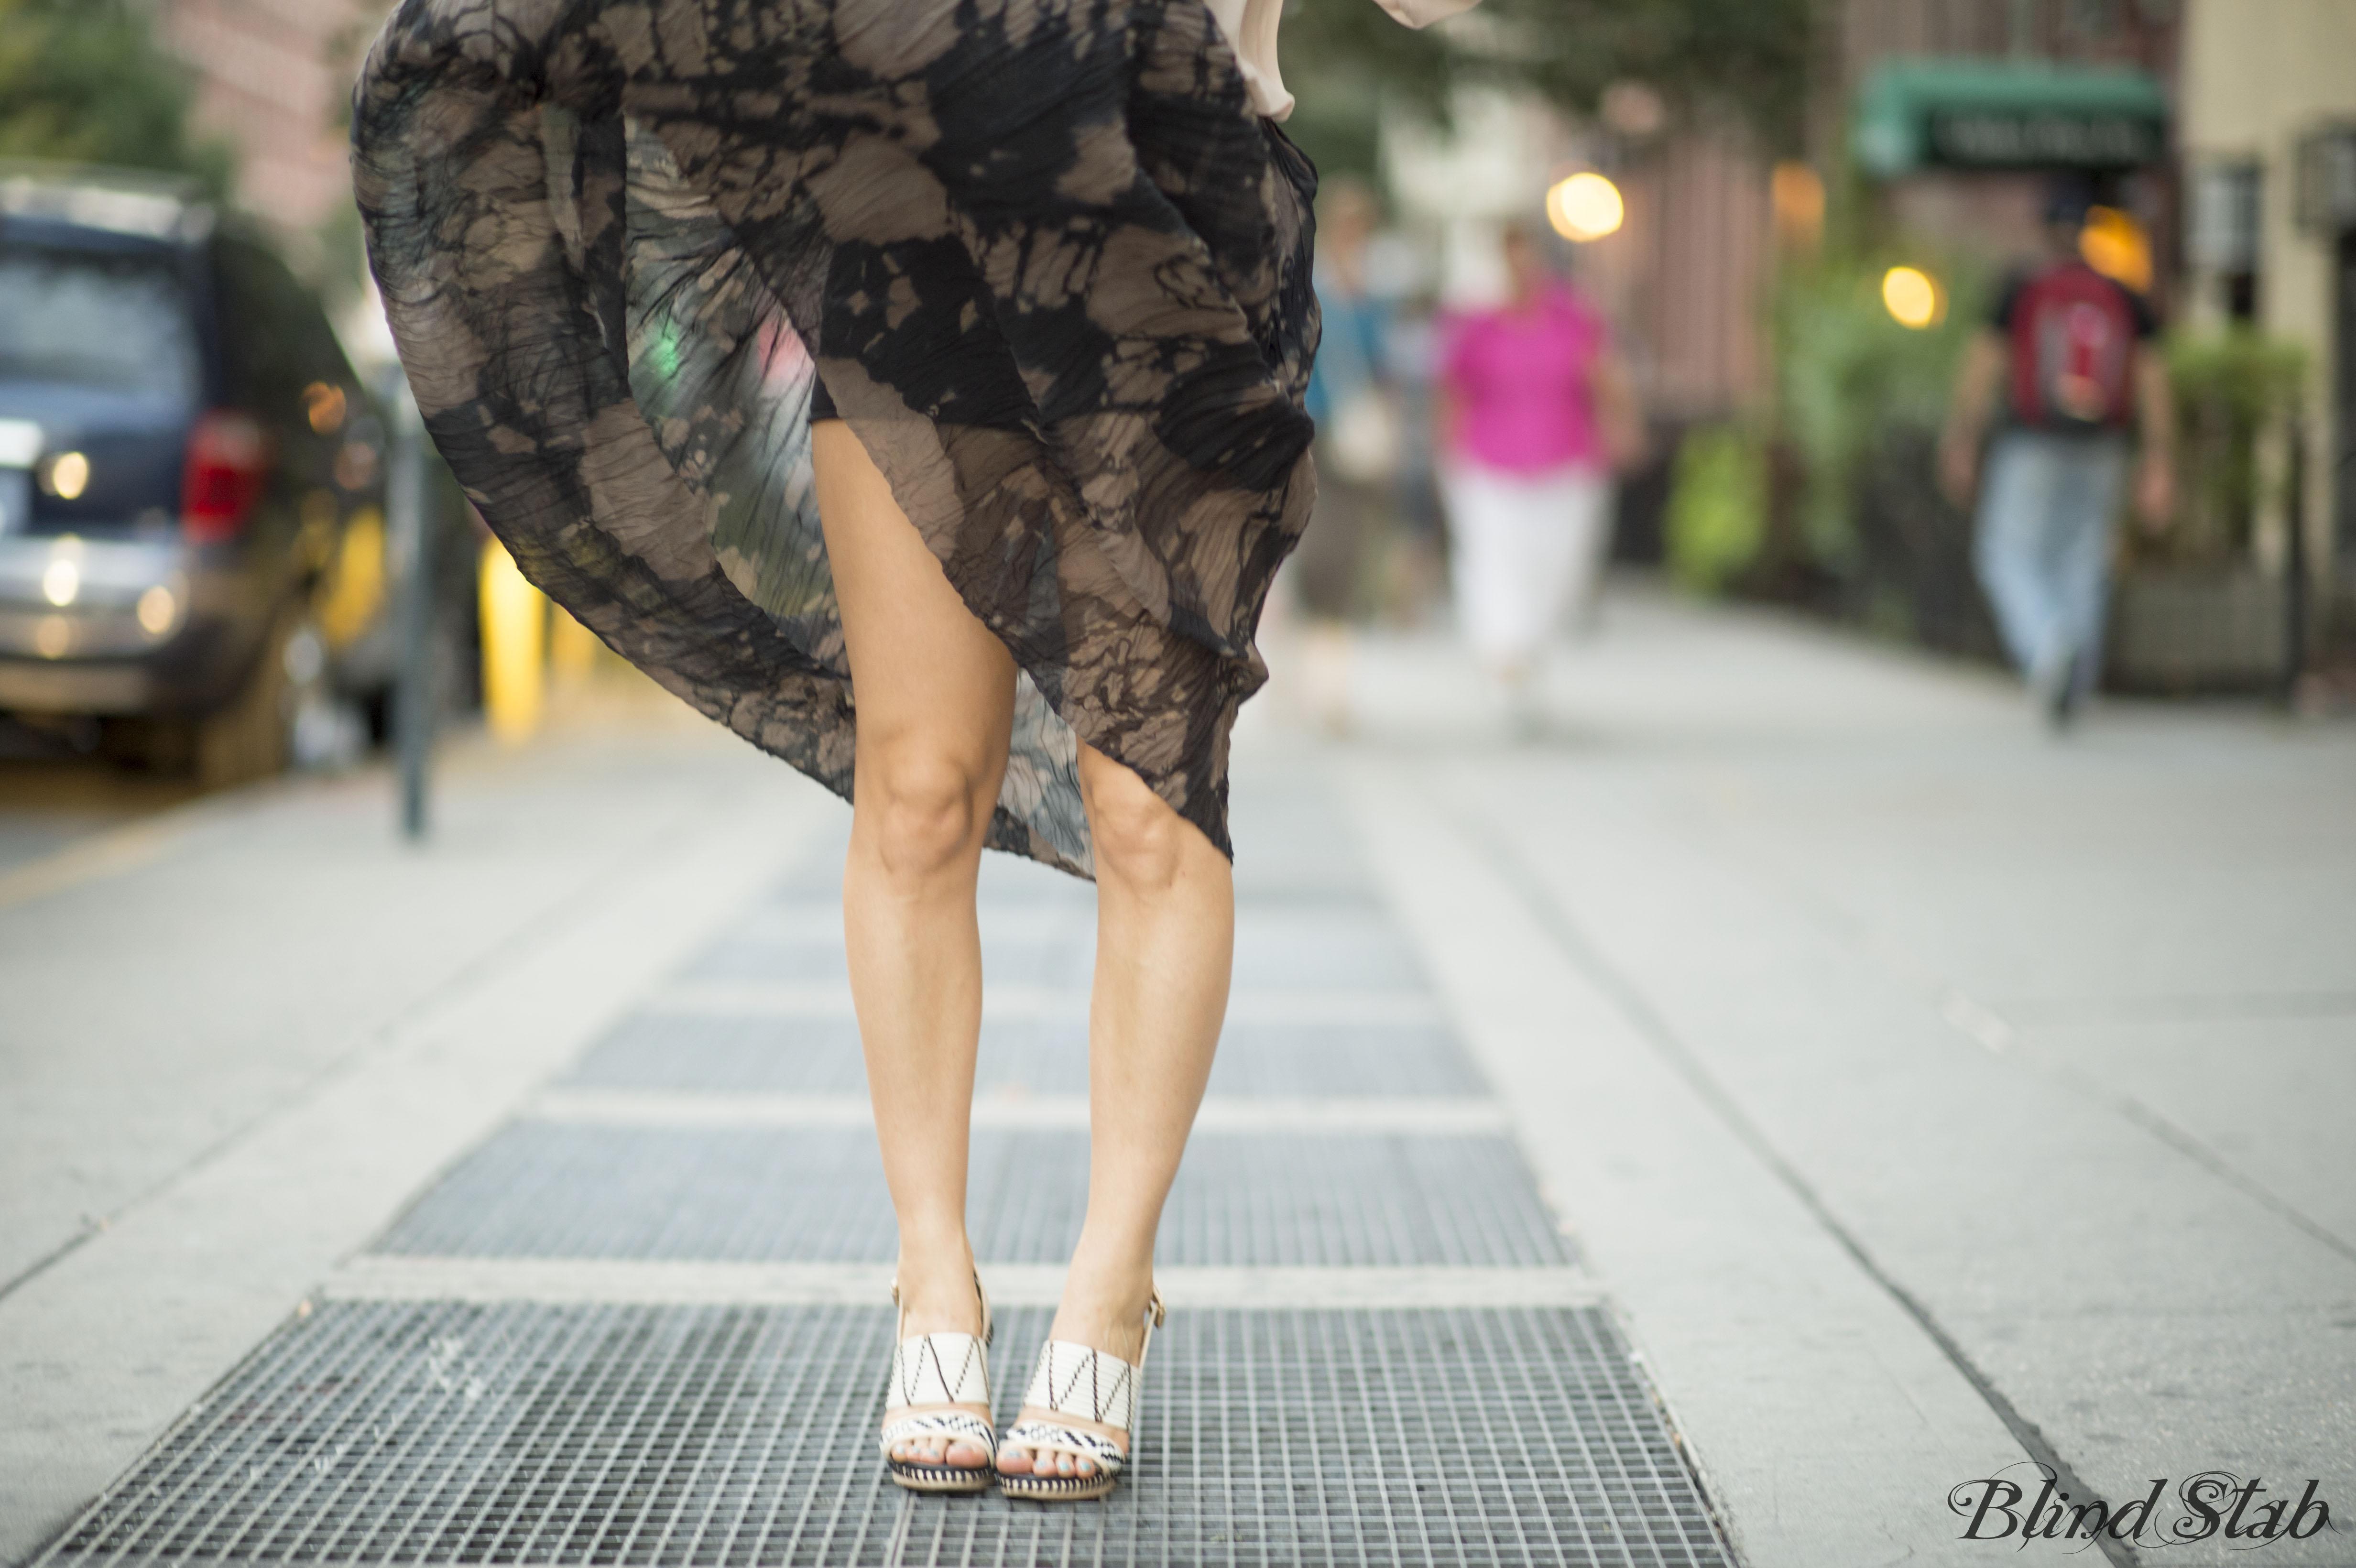 Curvy-Woman-Legs-Tie-Dye